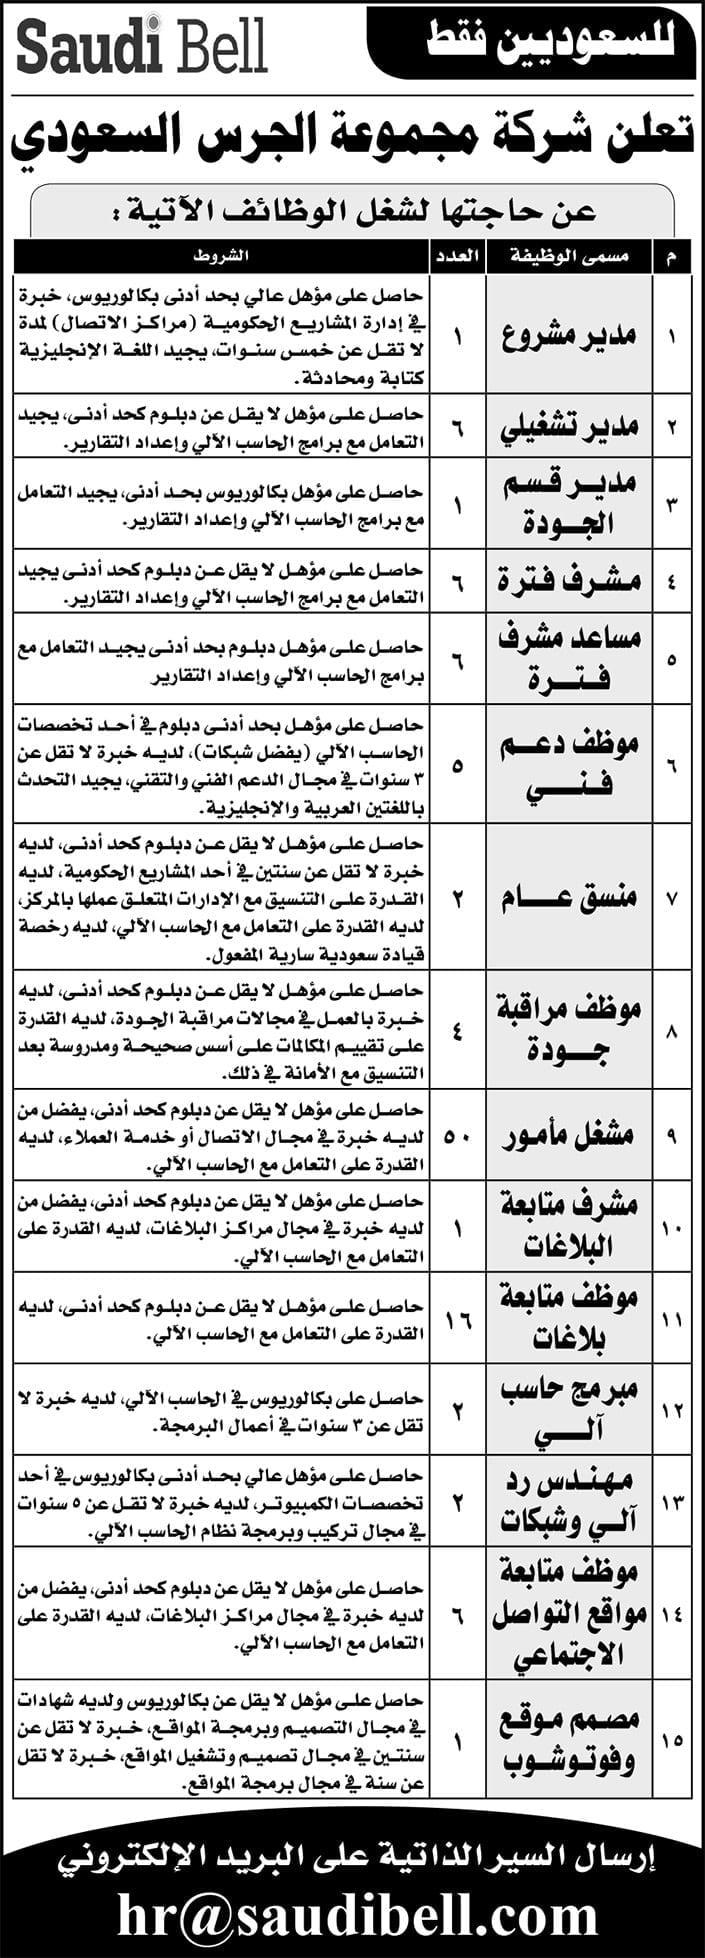 أكثر من 100 وظيفة لحملة الدبلوم فأعلى لدى مجموعة الجرس السعودي 3